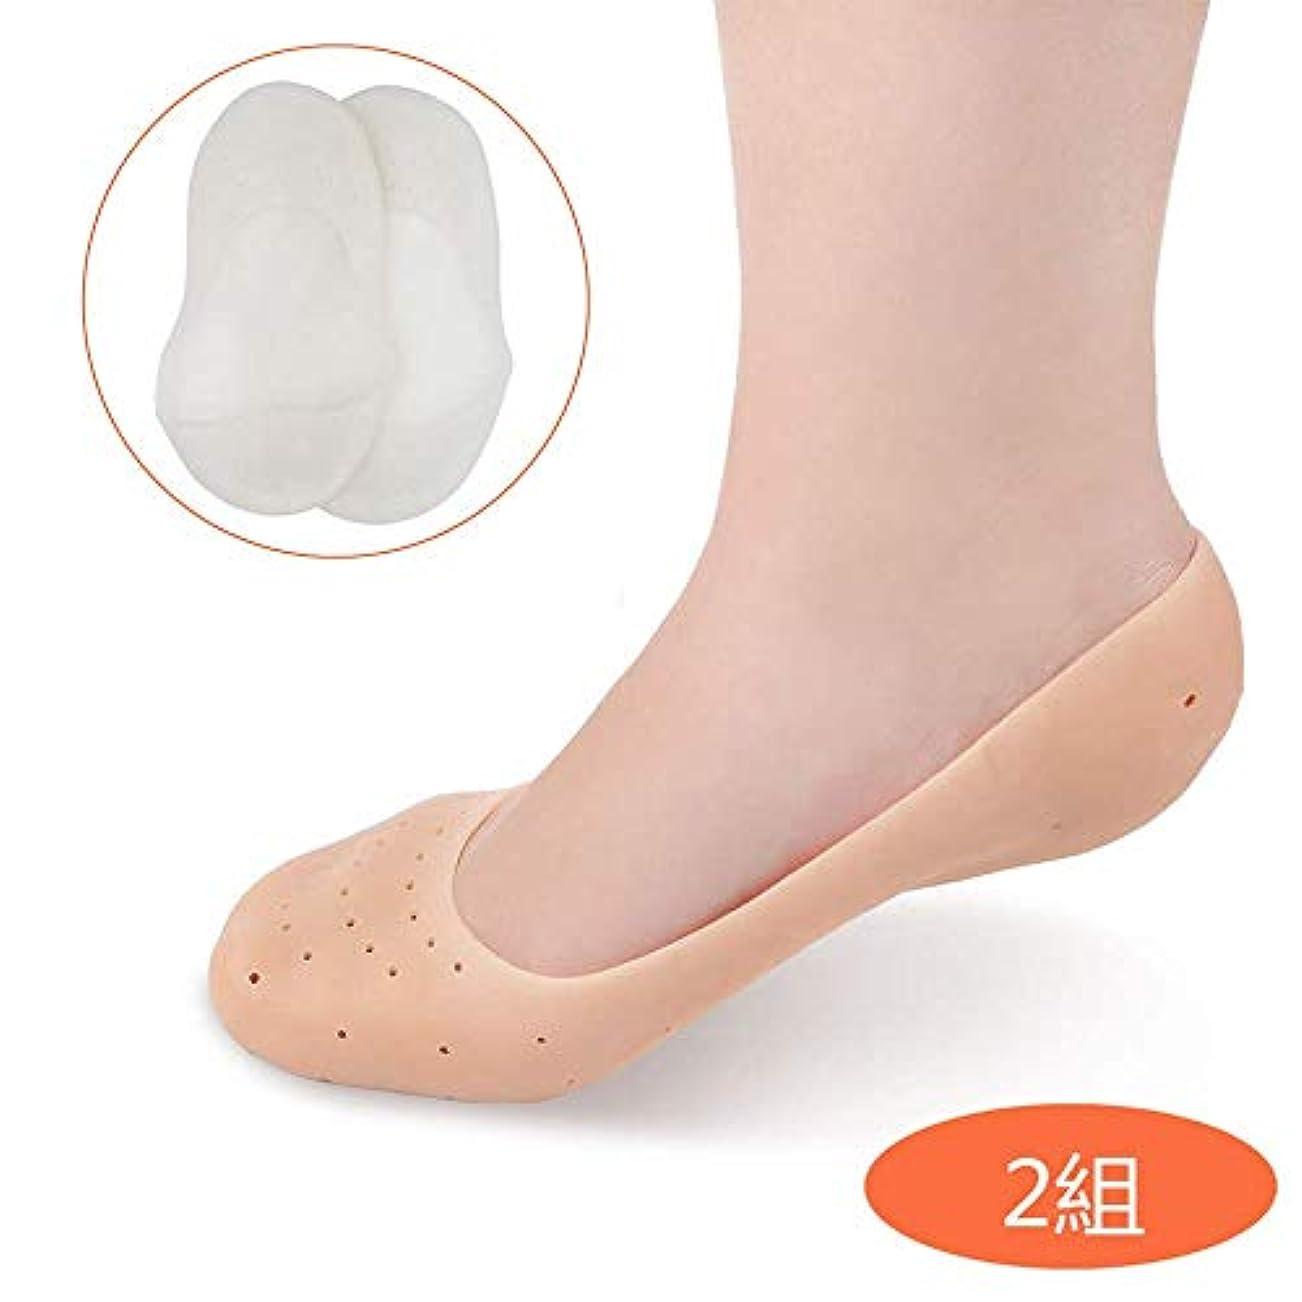 明るい子供っぽいつかむシリコンソックス 靴下 かかとケア ヒールクラック防止 足ケア 保湿 角質ケア 皮膚保護 痛みの緩和 快適 通気性 男女兼用 (2組)